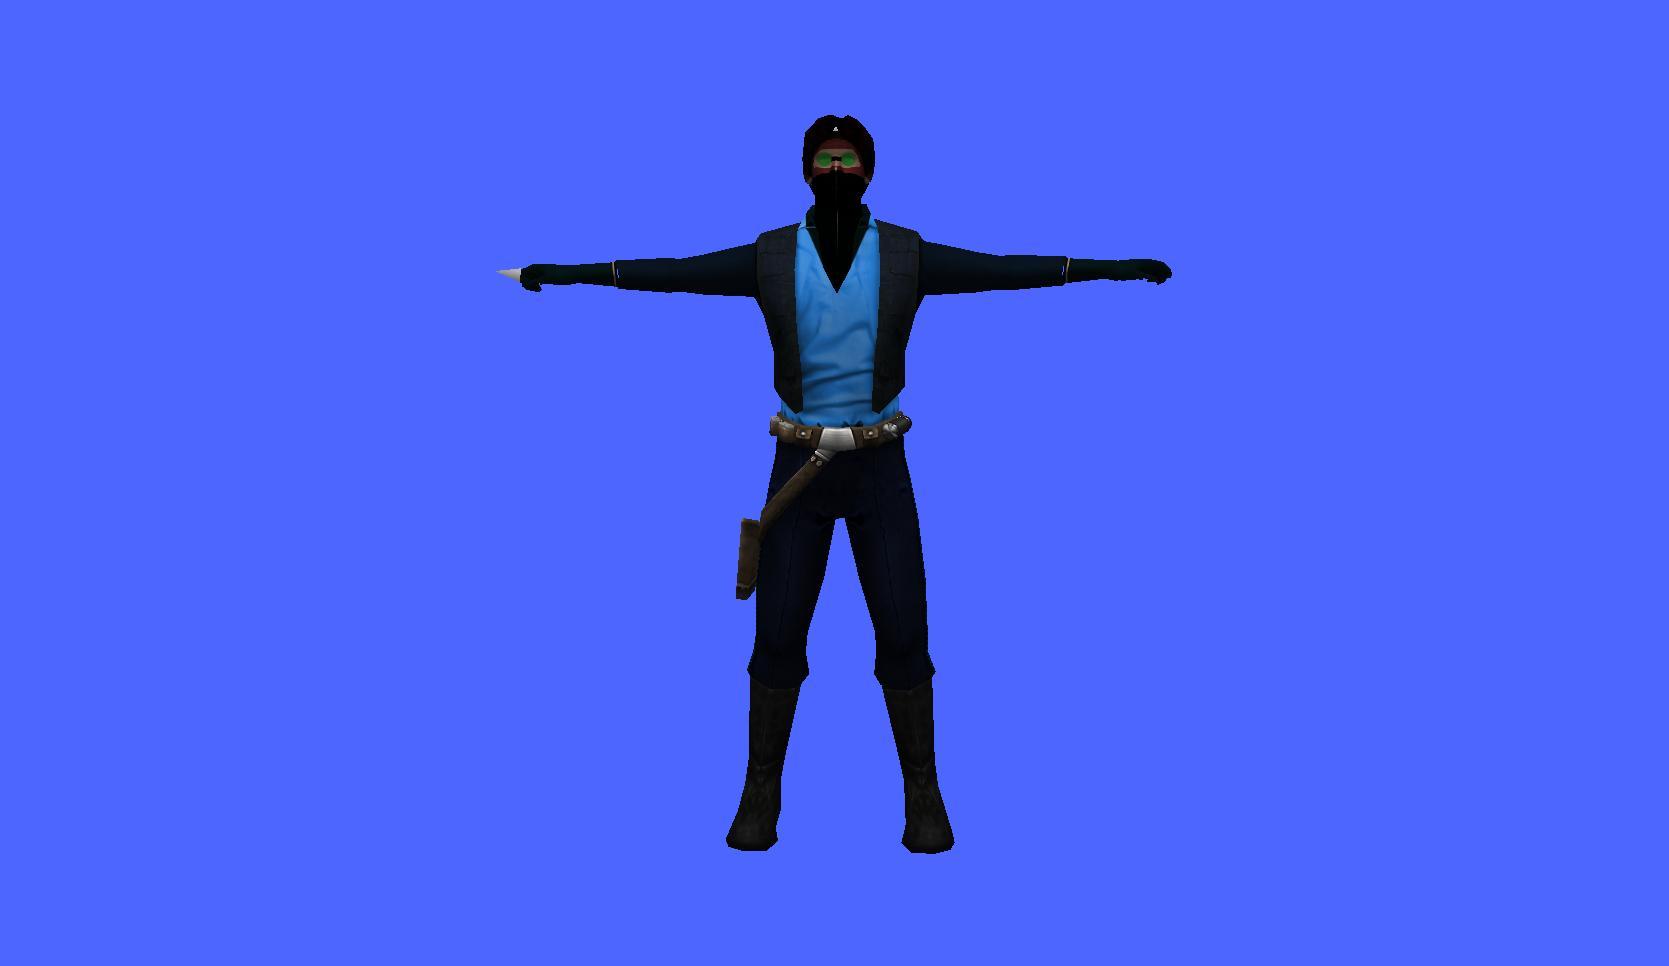 Rebel Alliance Commando Image Star Wars Battlefront Ii Tides Of War Mod For Star Wars Battlefront Ii Mod Db